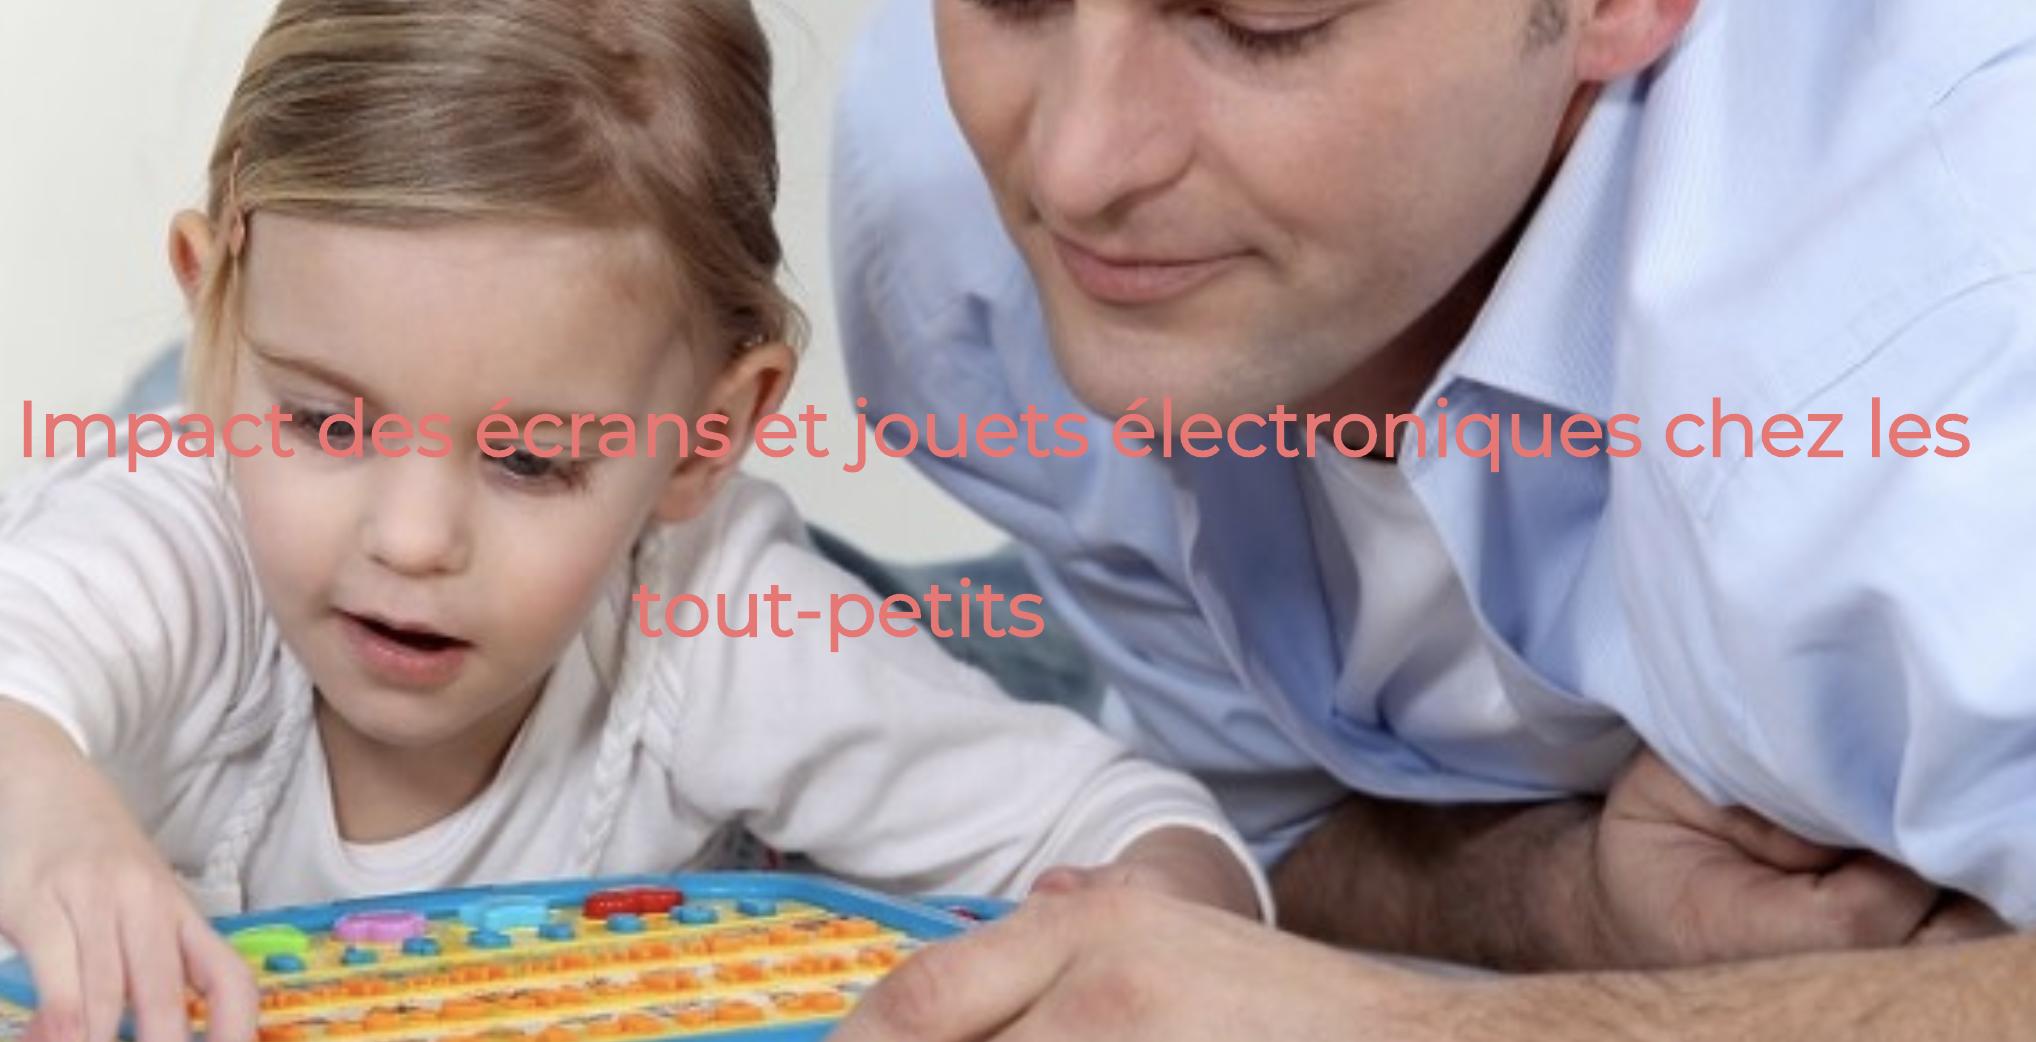 Atelier Montessori, Home Flow, Impact des écrans et jouets électroniques chez les tout-petits